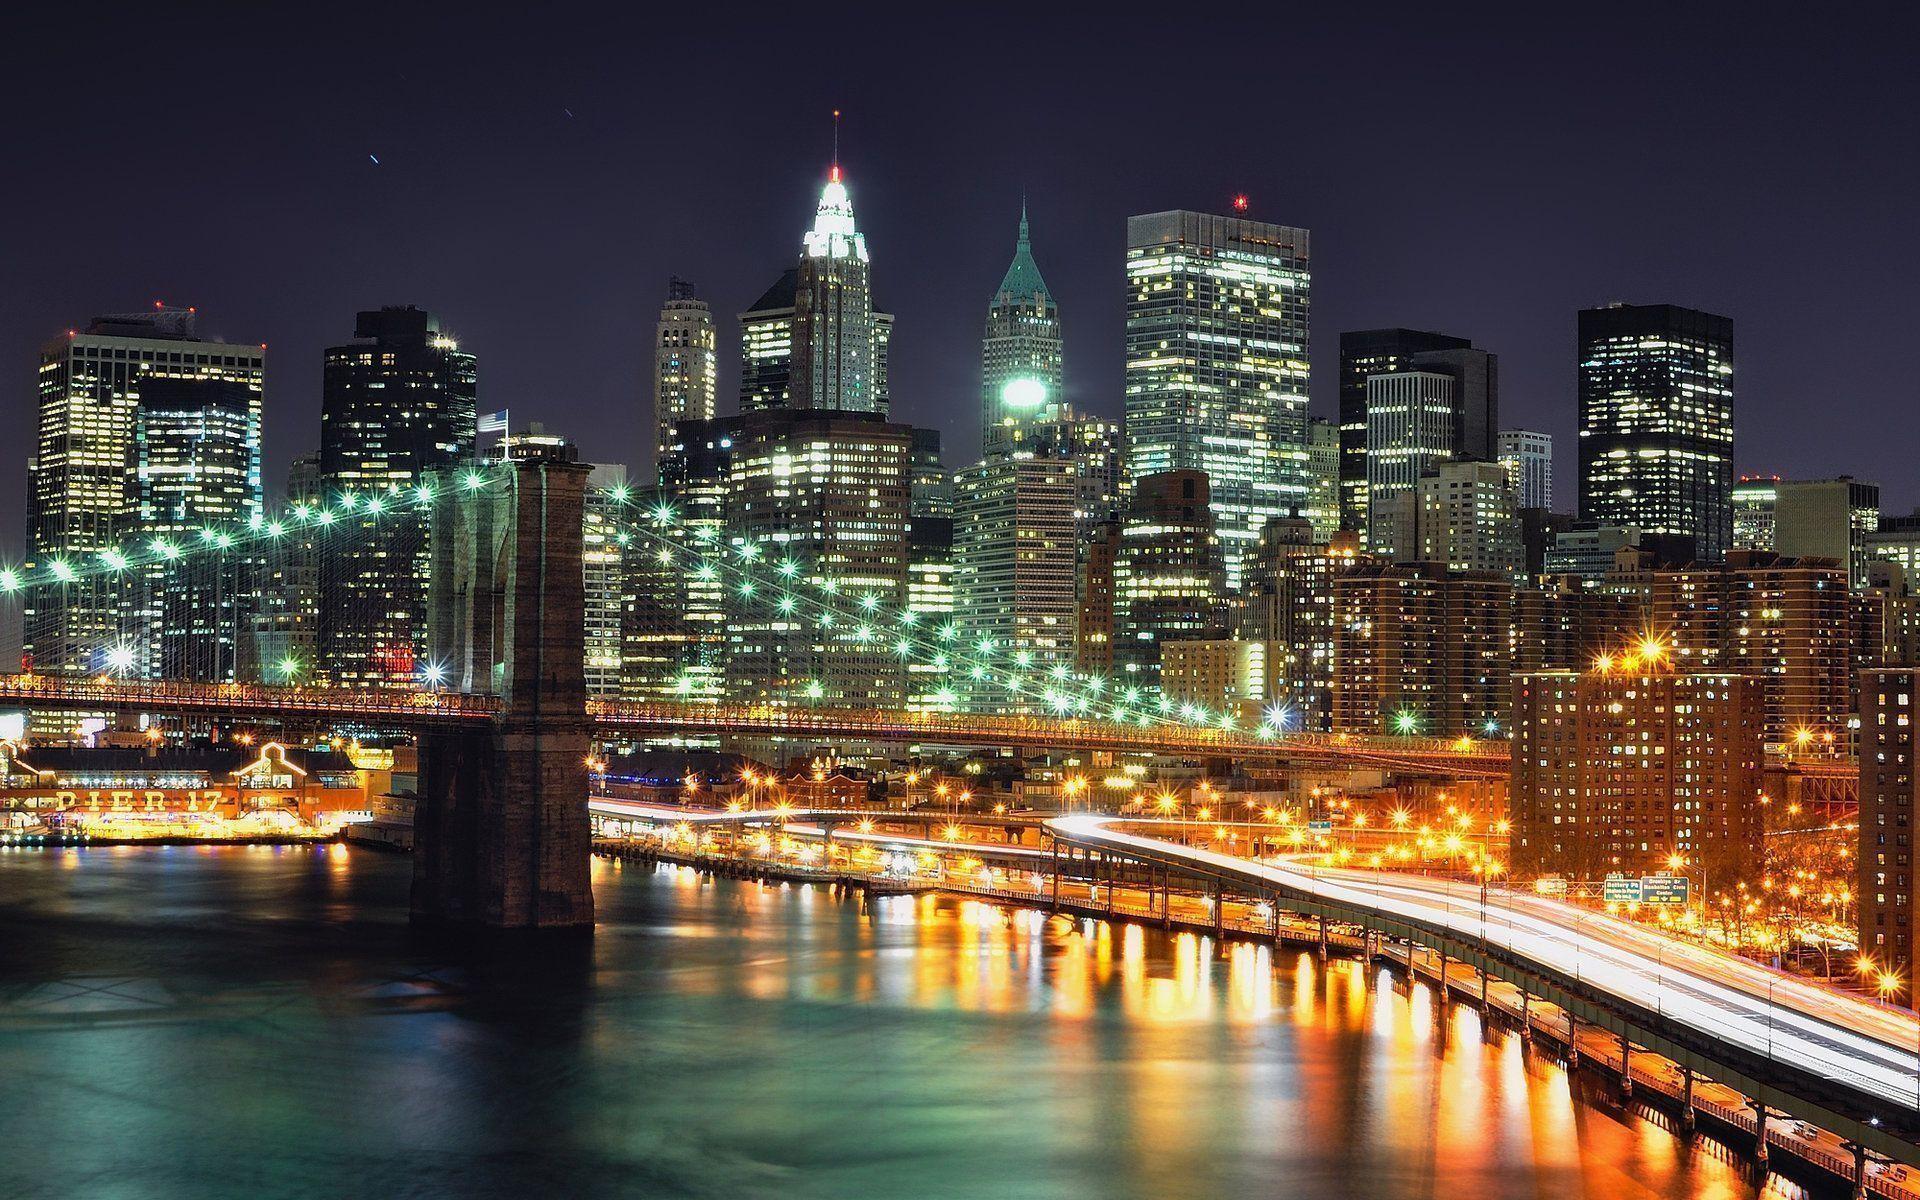 New York City Wallpaper Desktop Background #8590 | Hdwidescreens.